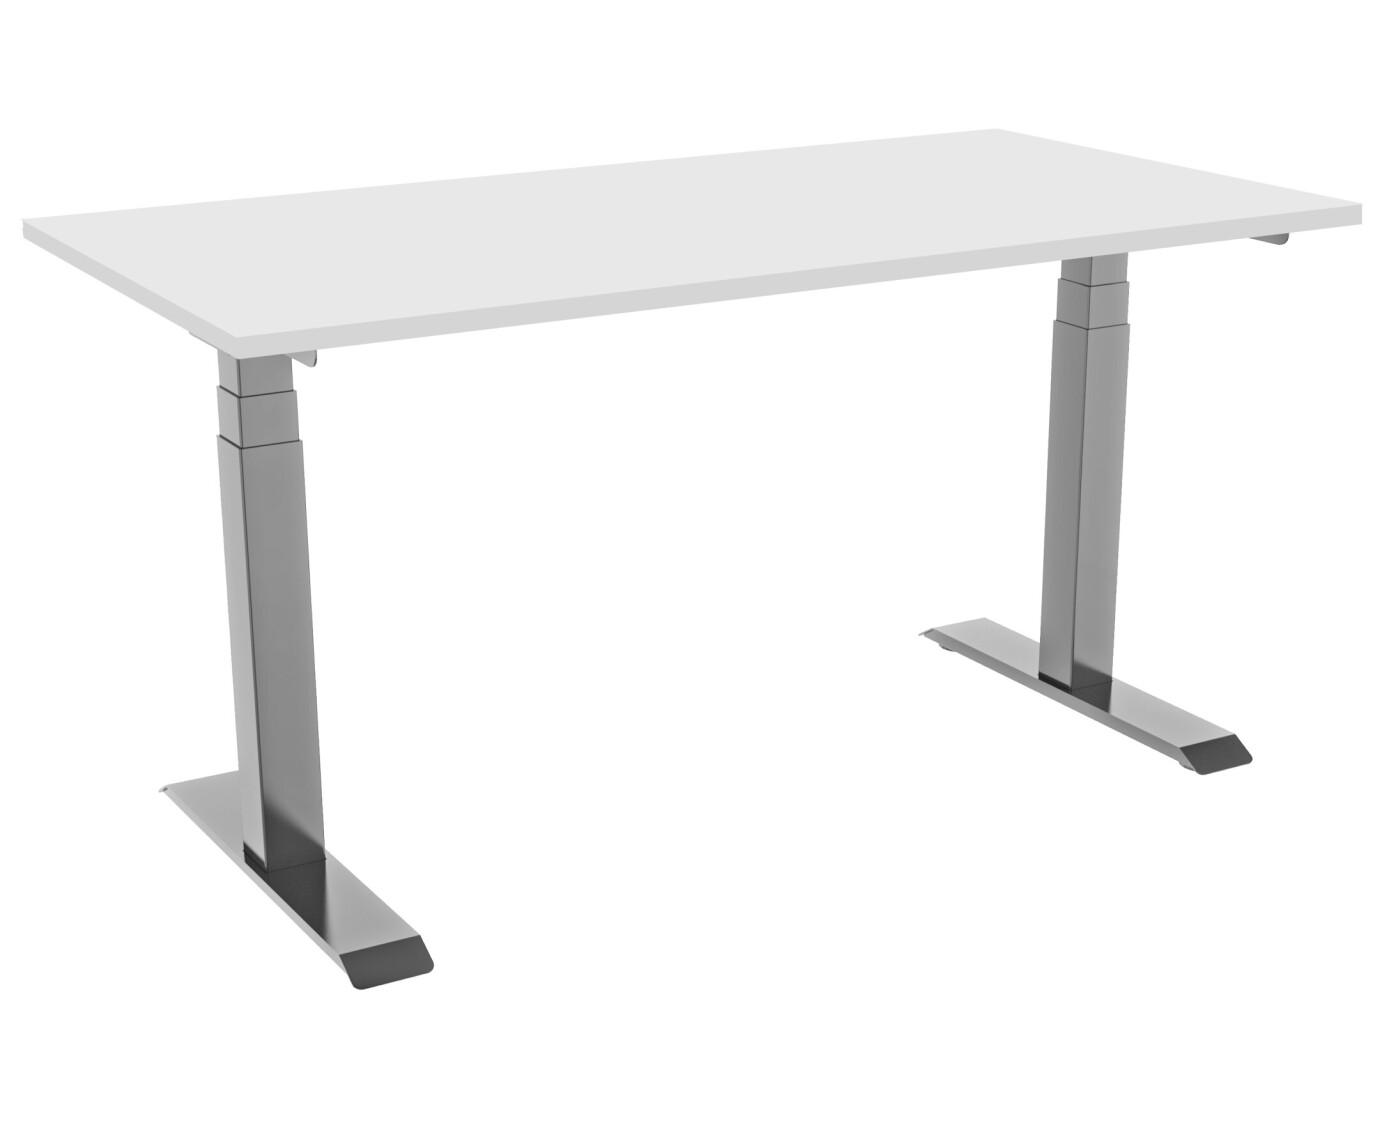 Bureau celexon PRO eAdjust-58123 réglable en hauteur électriquement - gris, avec plateau 125 x 75 cm